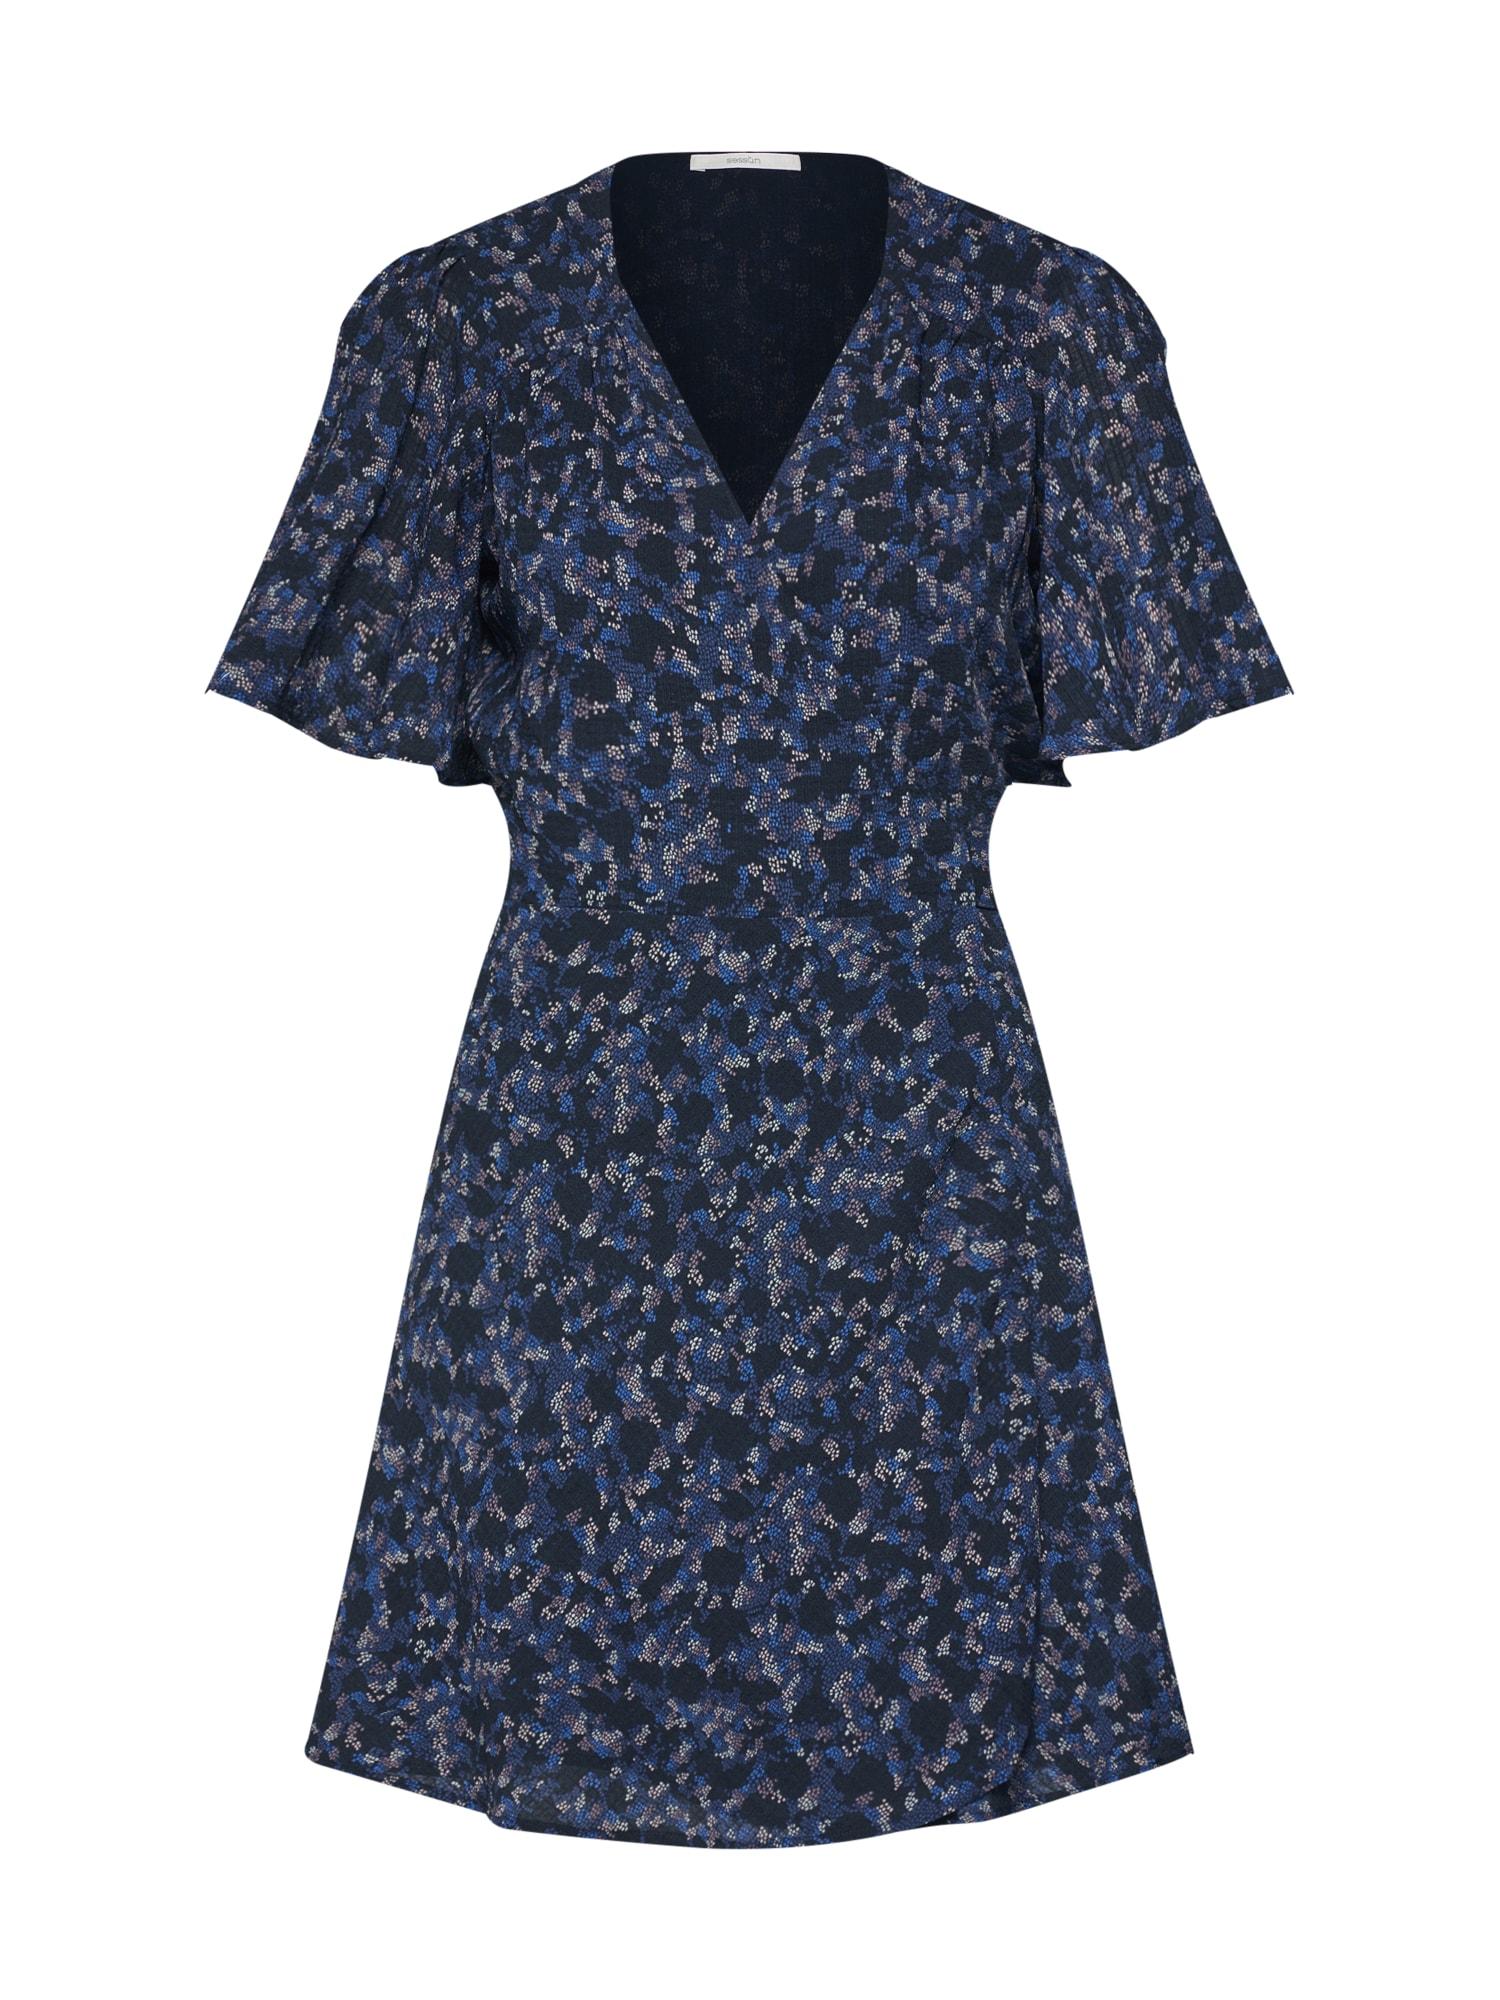 Letní šaty MIO SWINGER námořnická modř Sessun